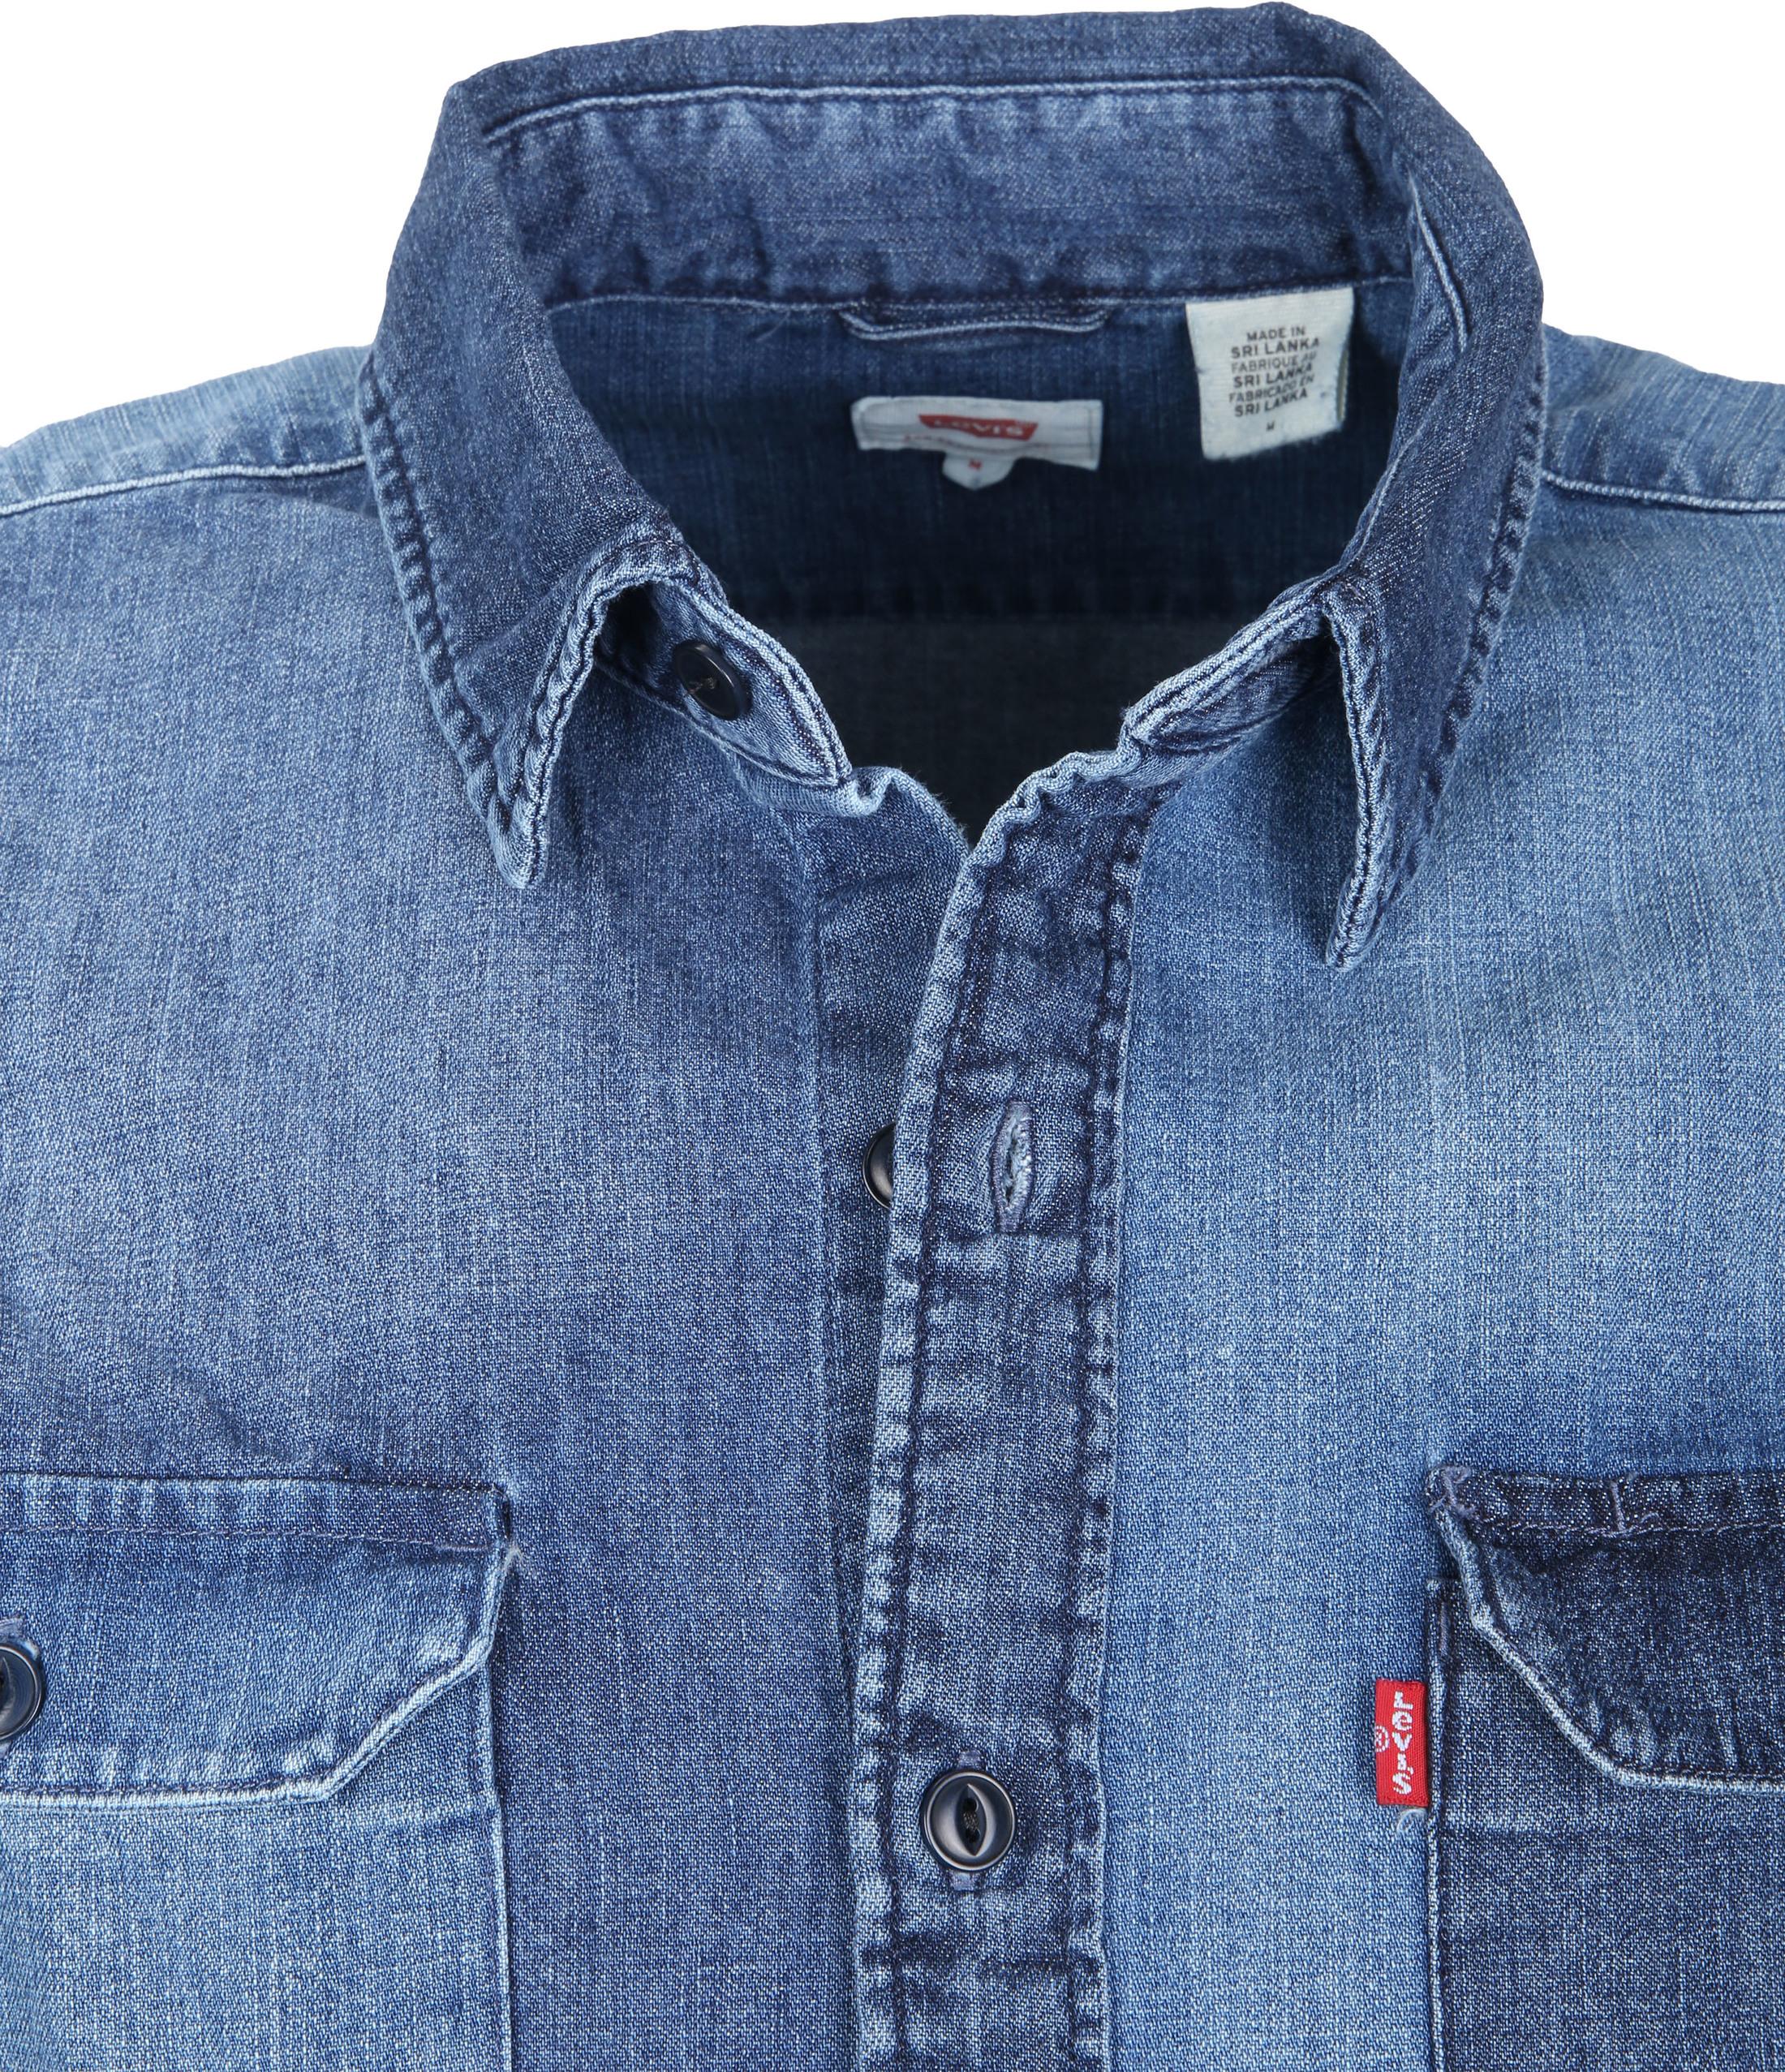 Levi's Jackson Worker Overhemd Washed foto 1